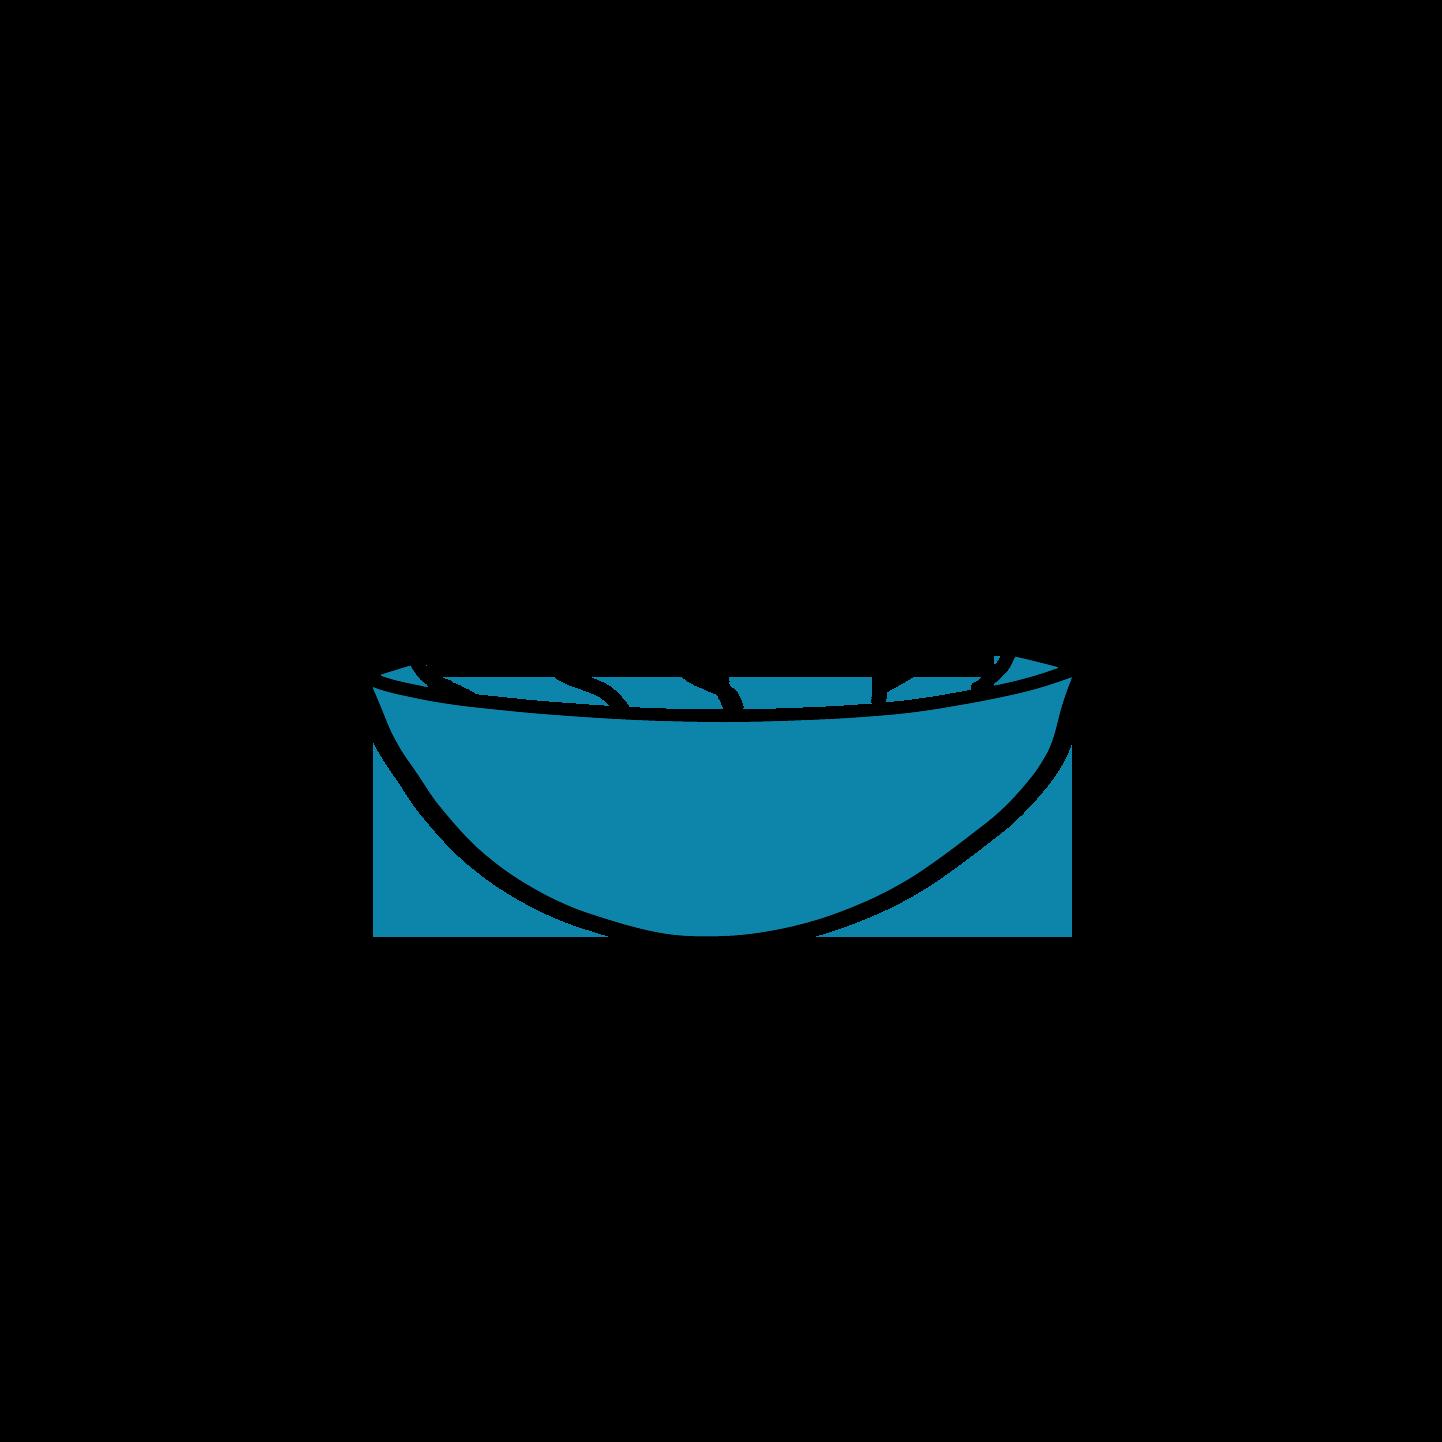 SaladBowl-Icon-sm.png